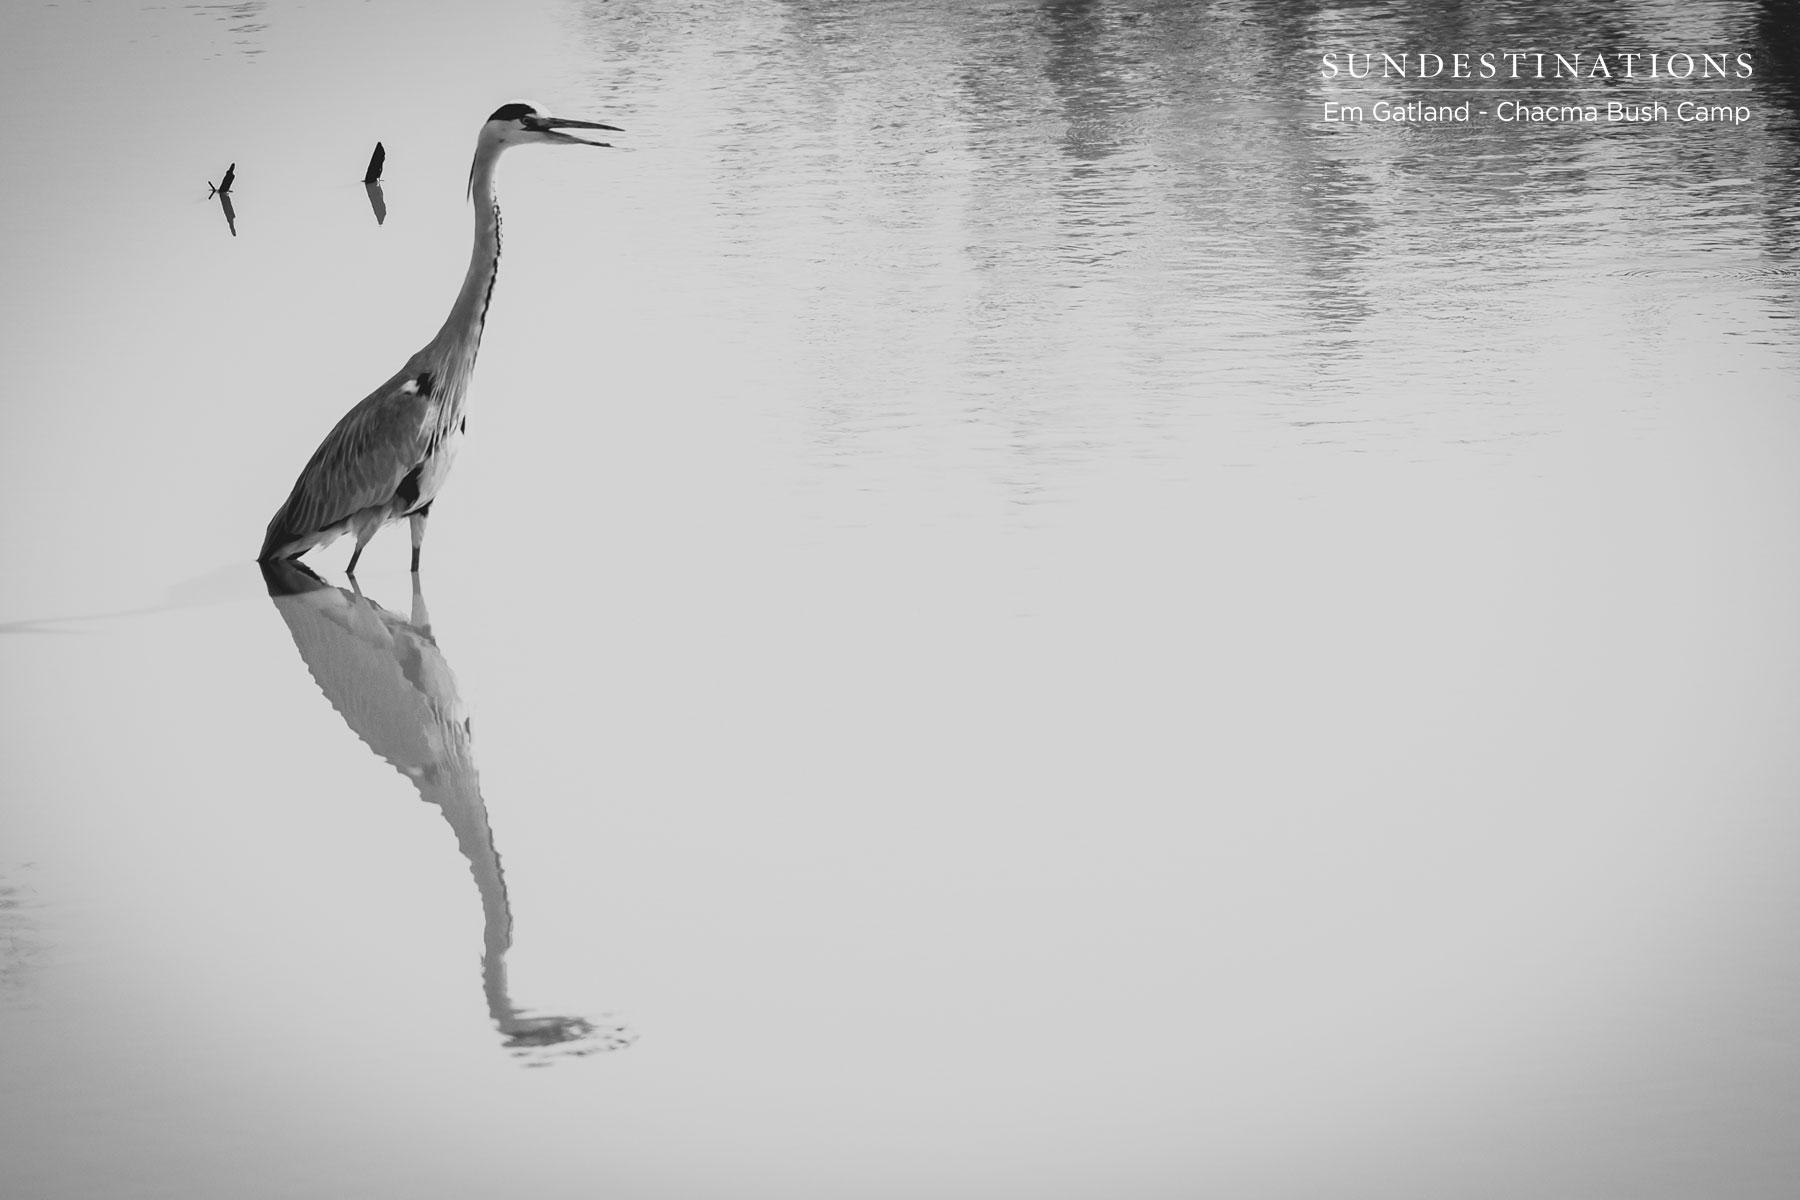 Grey Heron at Chacma